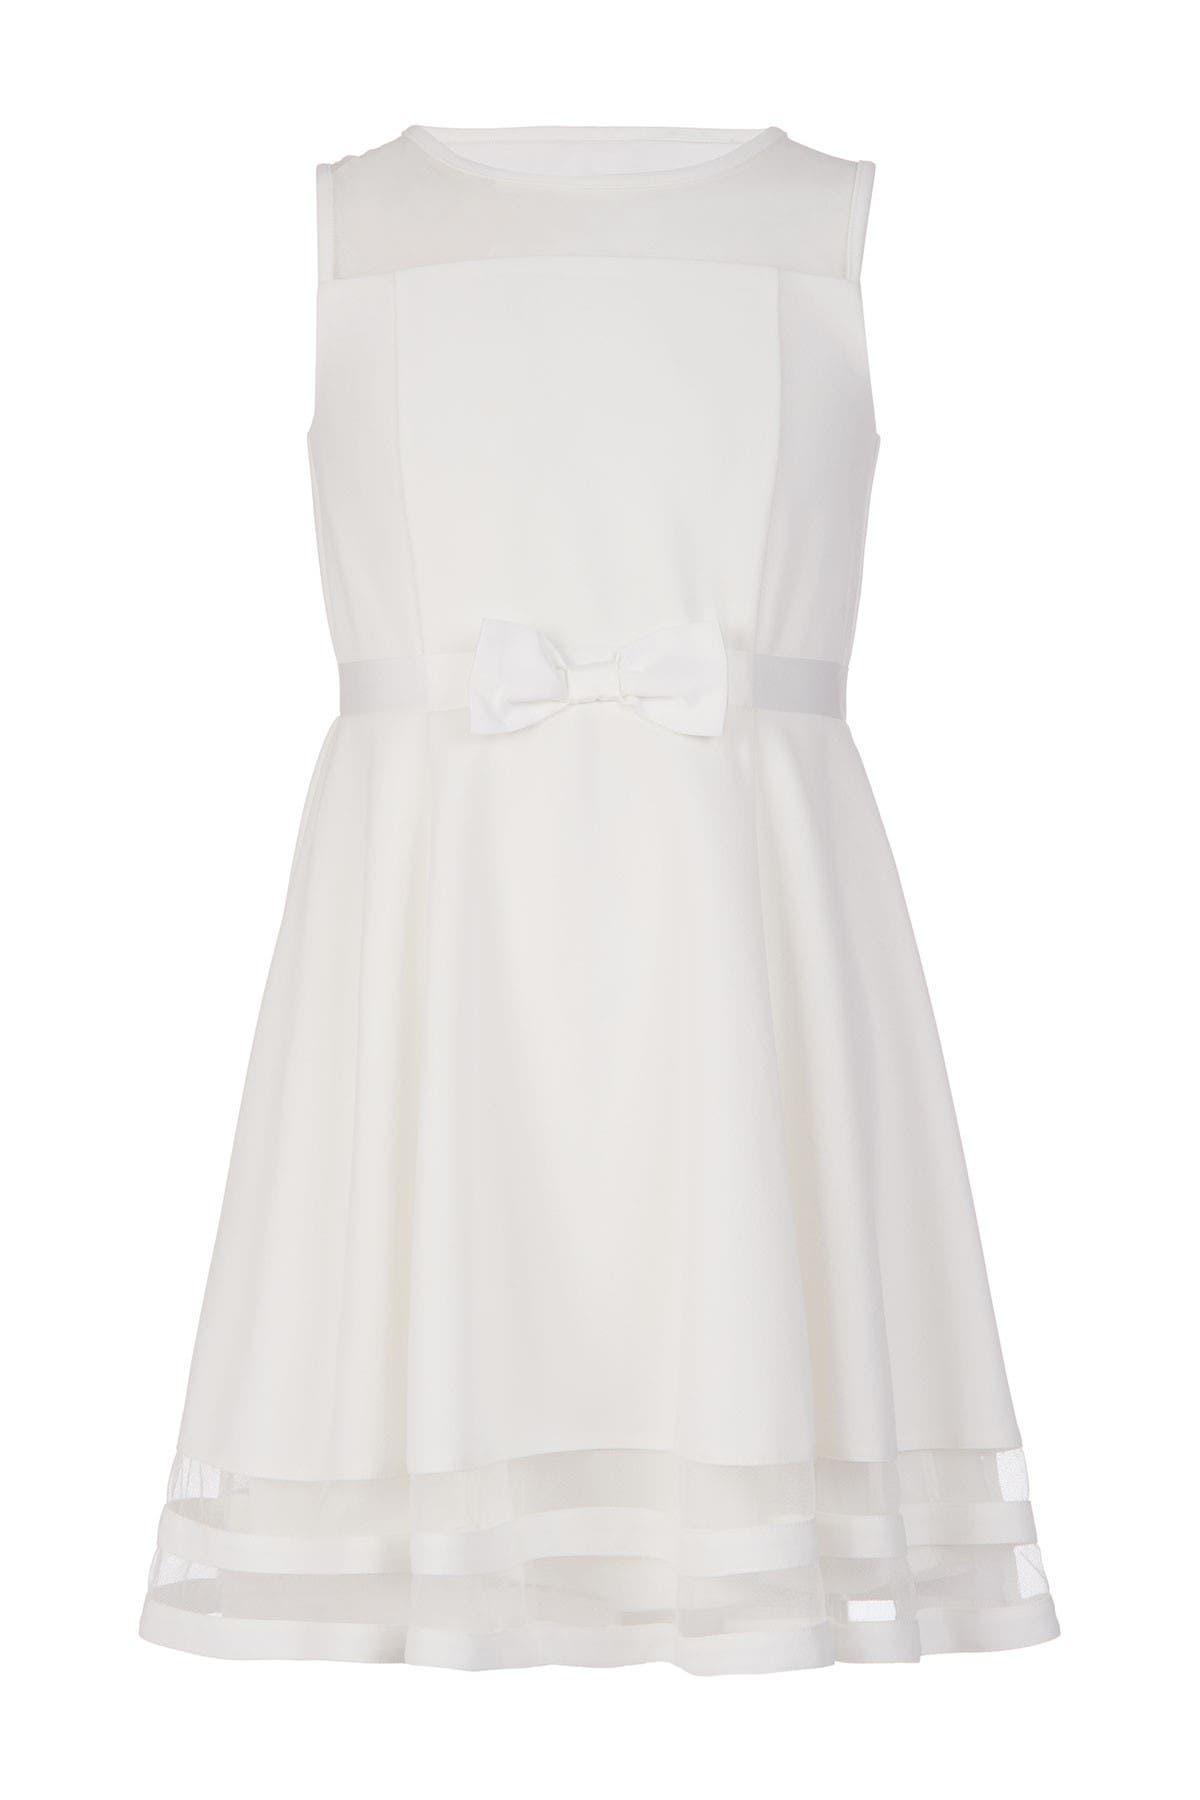 Image of Calvin Klein Illusion Mesh Dress